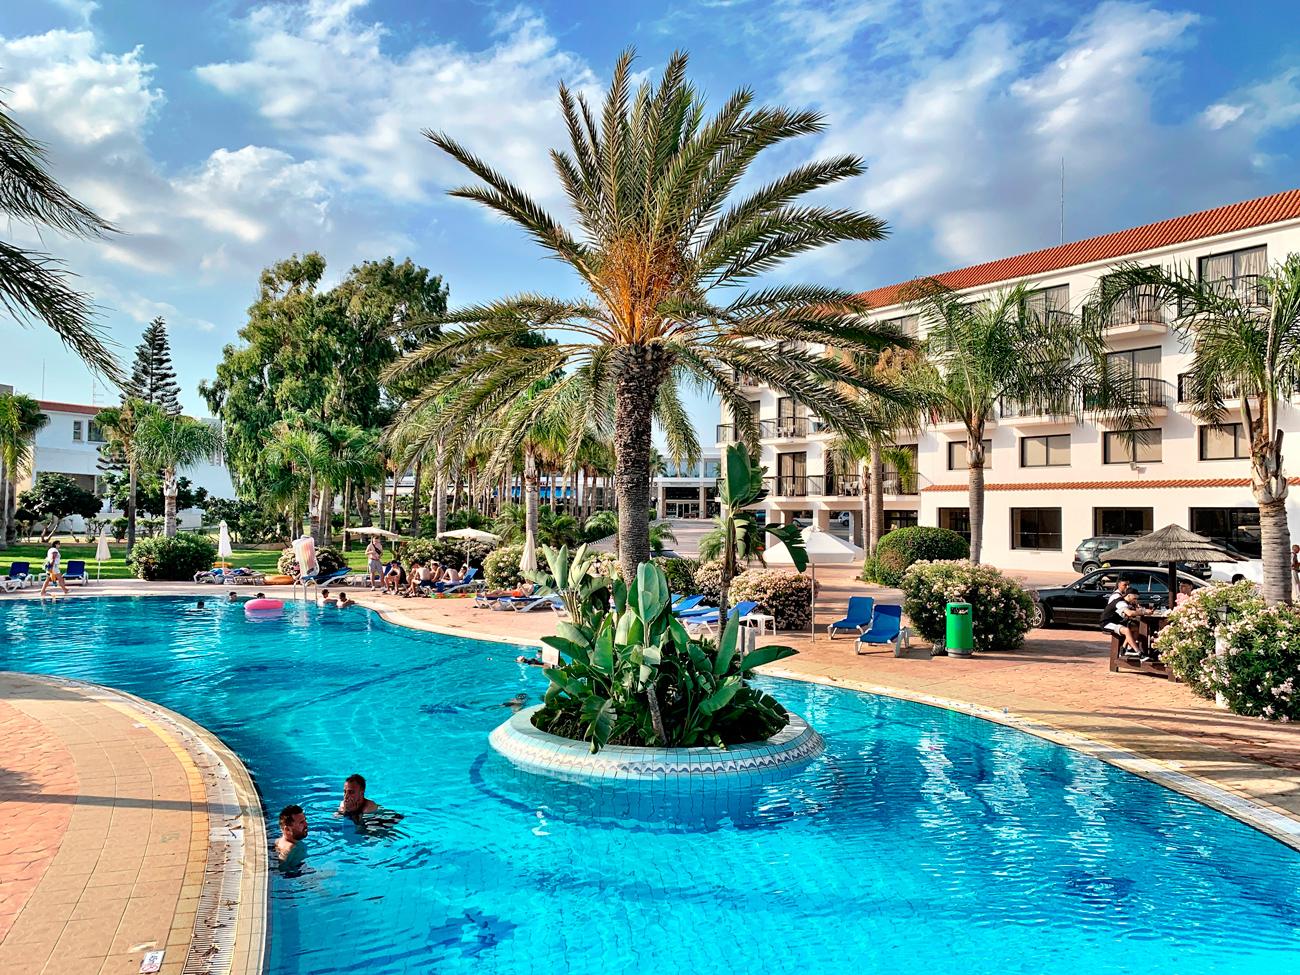 , Szingli csajok és magányos pasi barátok: itt a segítség! Ősszel életetek legnagyobb bulija vár Cipruson!